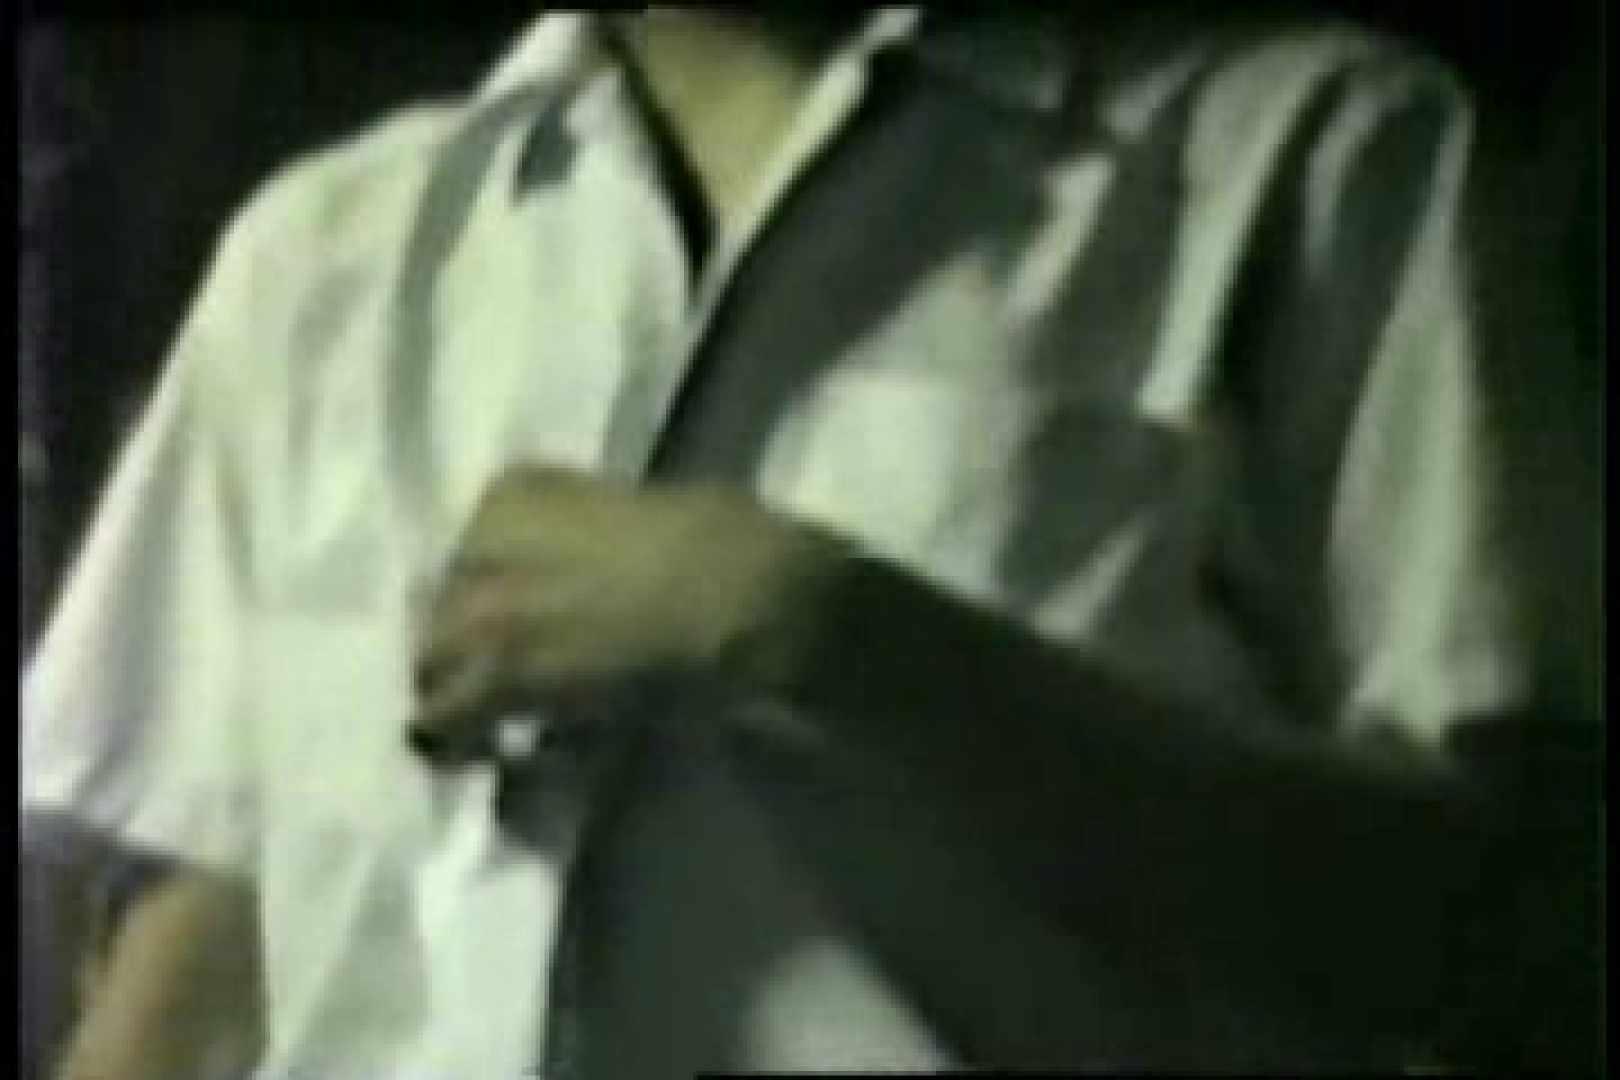 【実録個人撮影】男の子達の禁断の愛欲性活!!vol.03 入浴・シャワー丸見え ゲイモロ画像 87pic 78